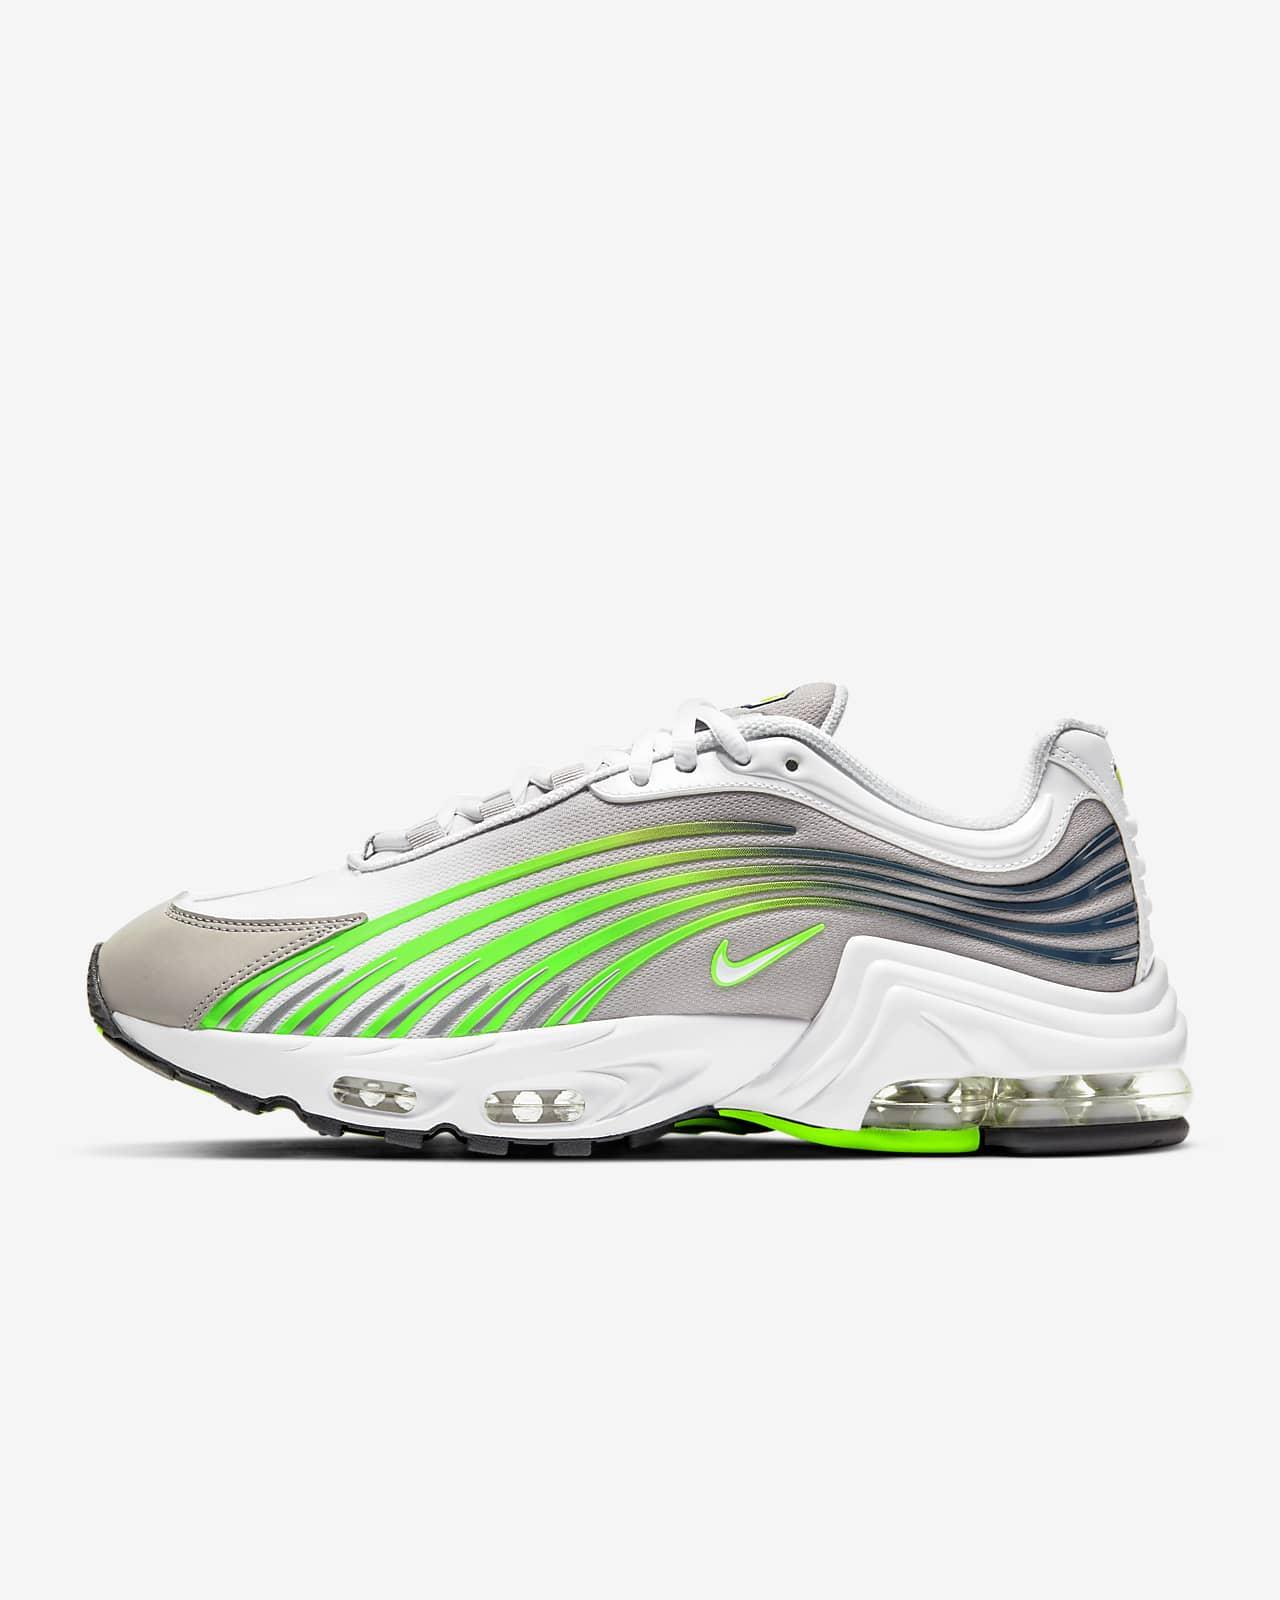 Męskie buty Nike Air Max Plus 2